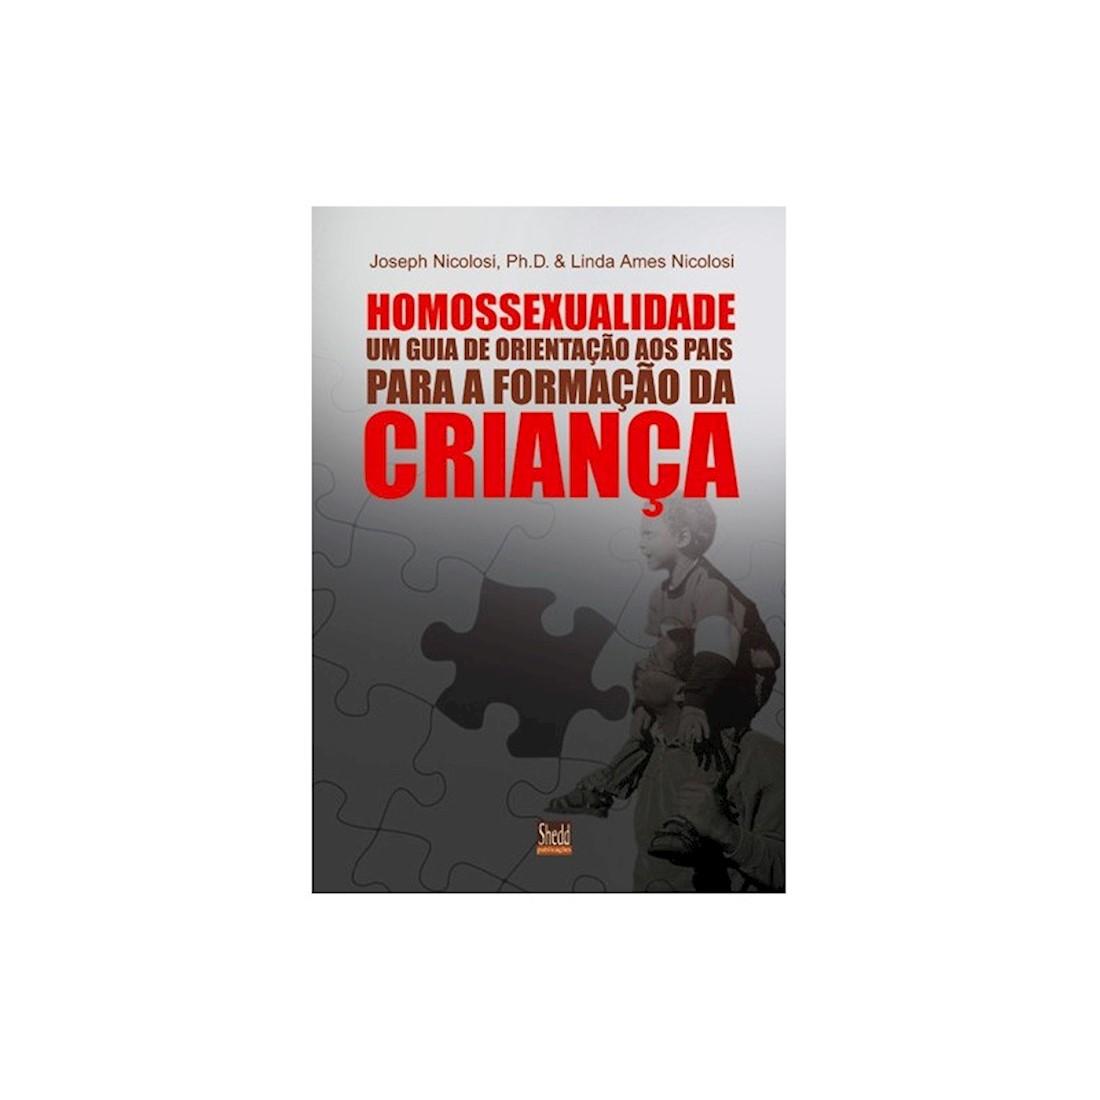 Livro Homossexualidade: Guia de Orientação aos Pais Para a Formação da Criança